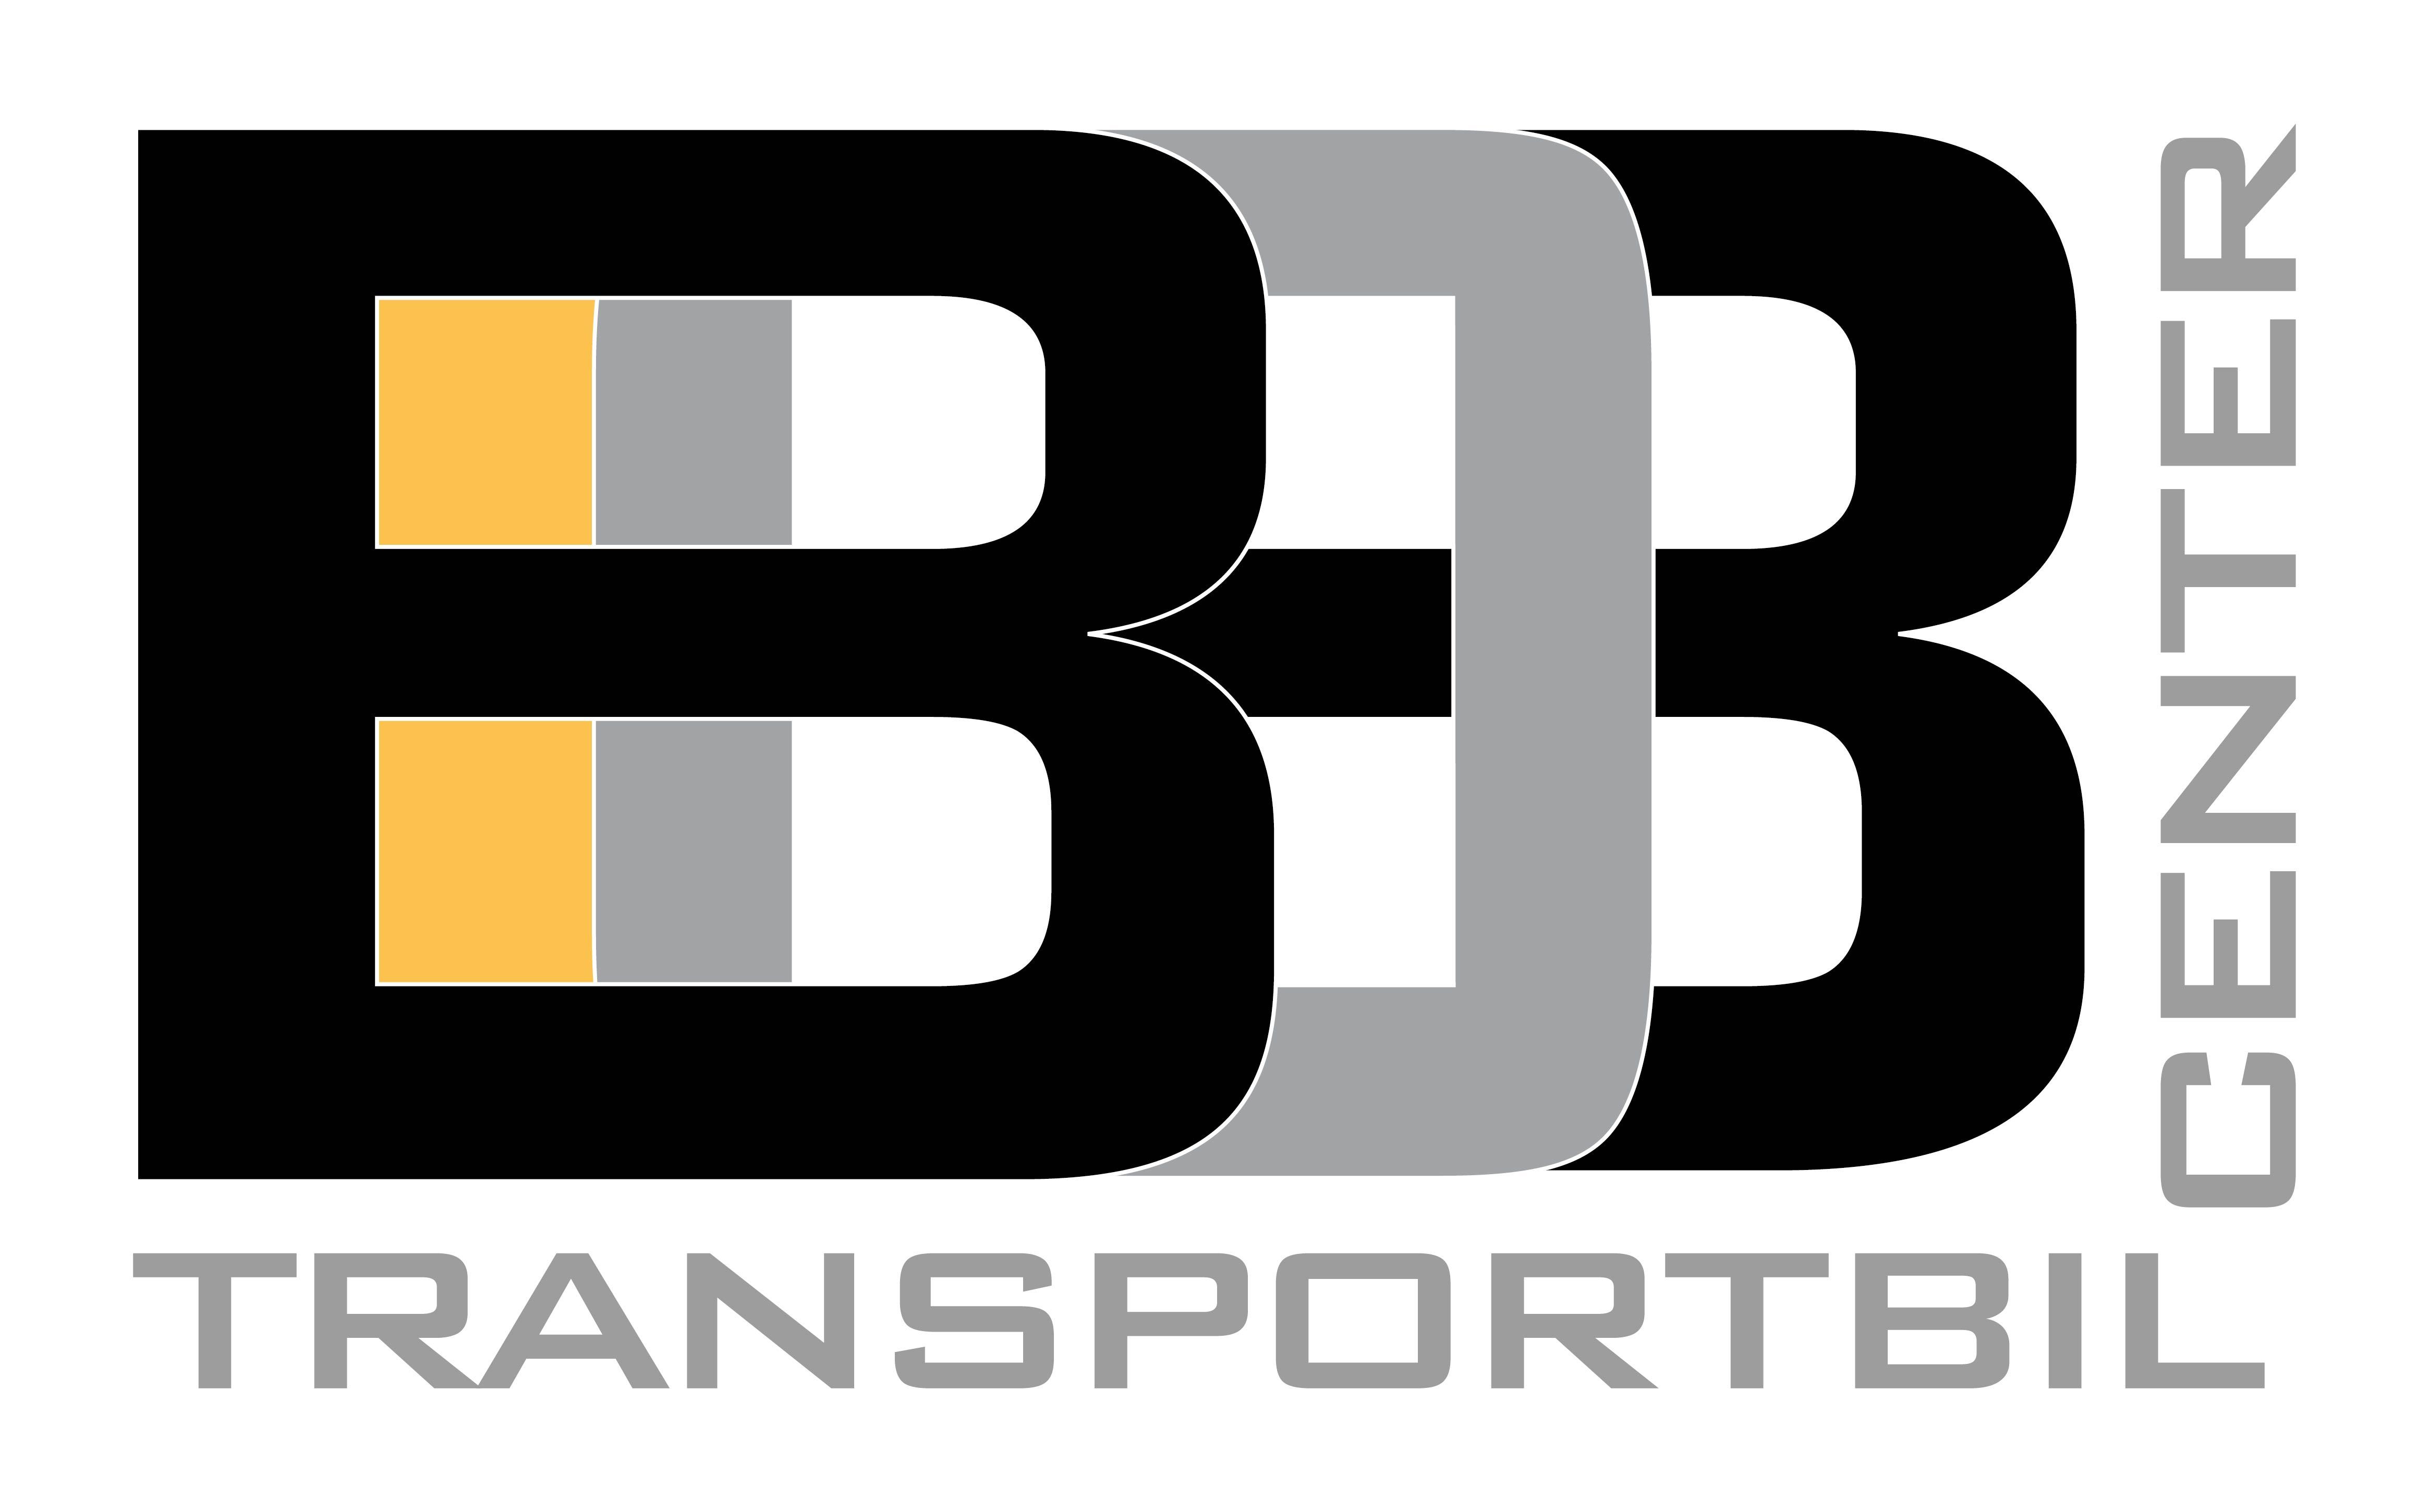 BOB Transportbilcenter